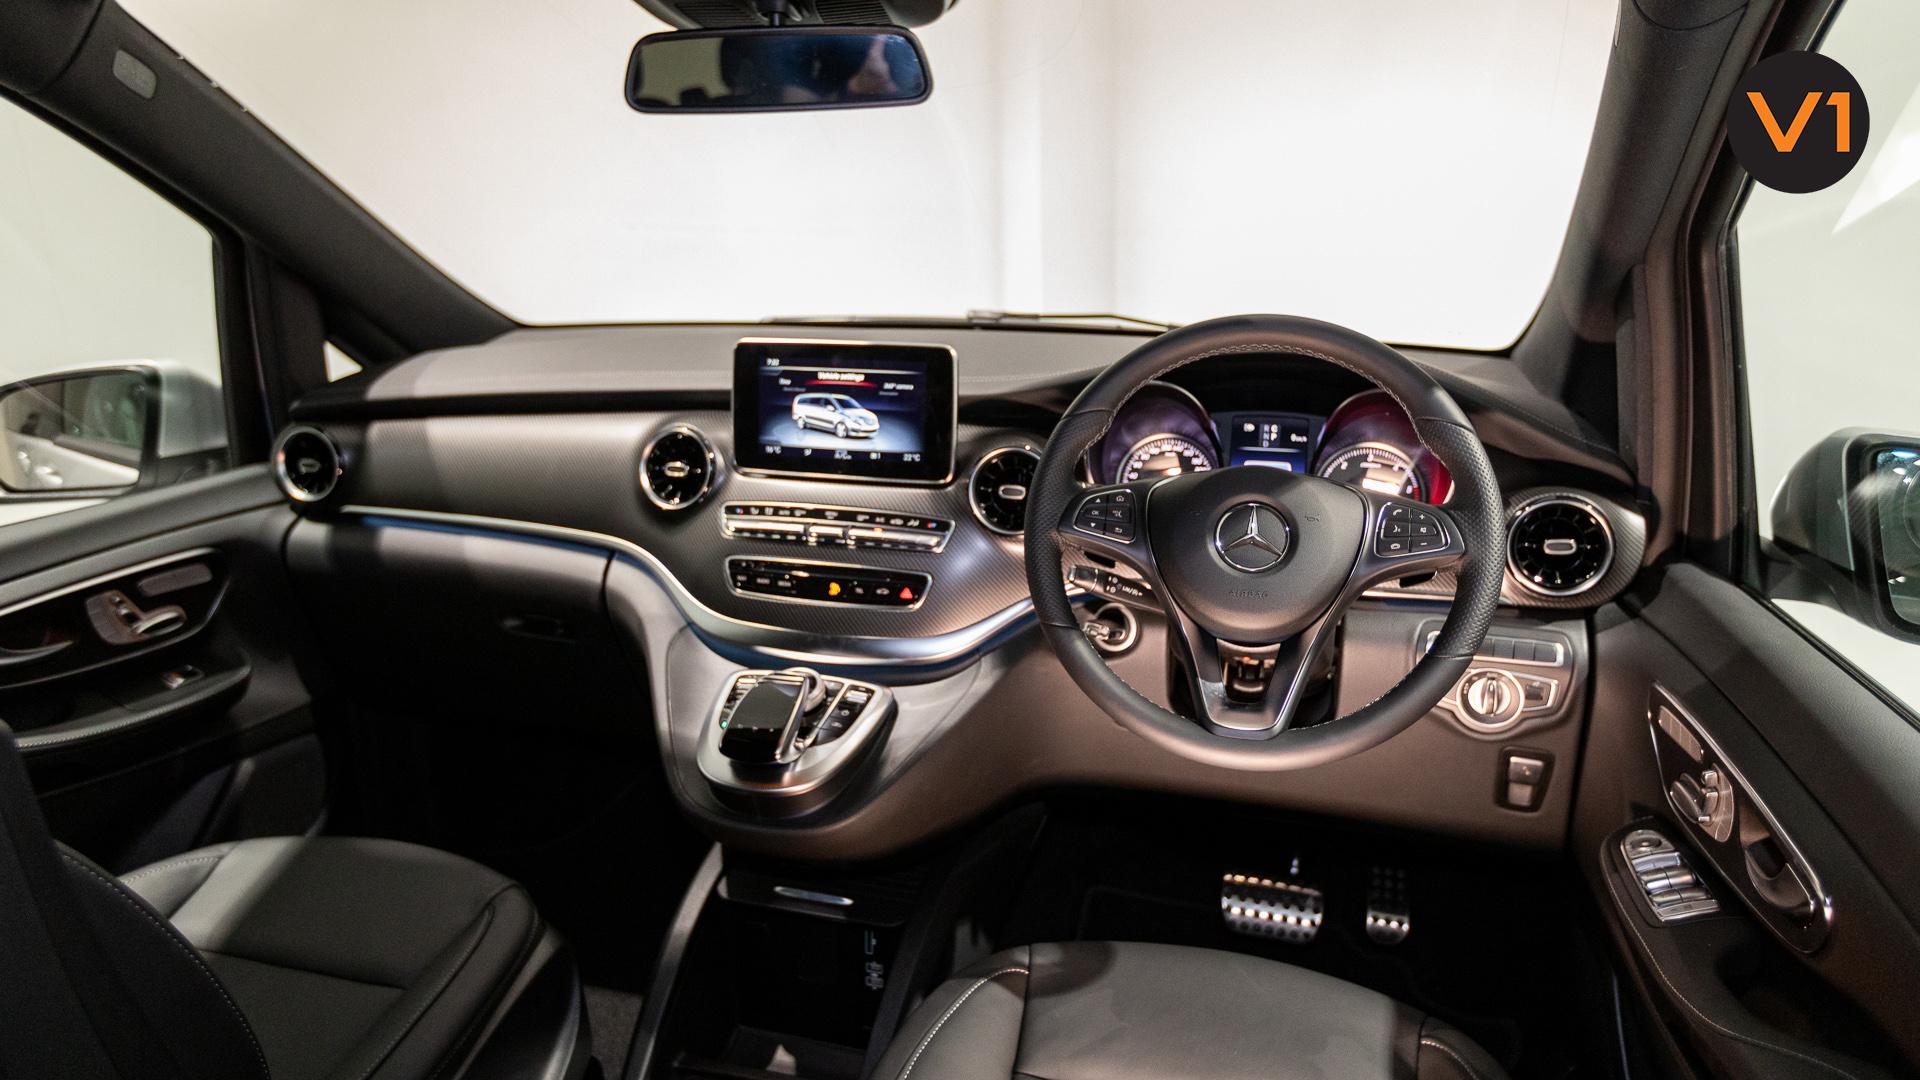 Mercedes-Benz V300D Extra Long AMG Line - Interior Dash